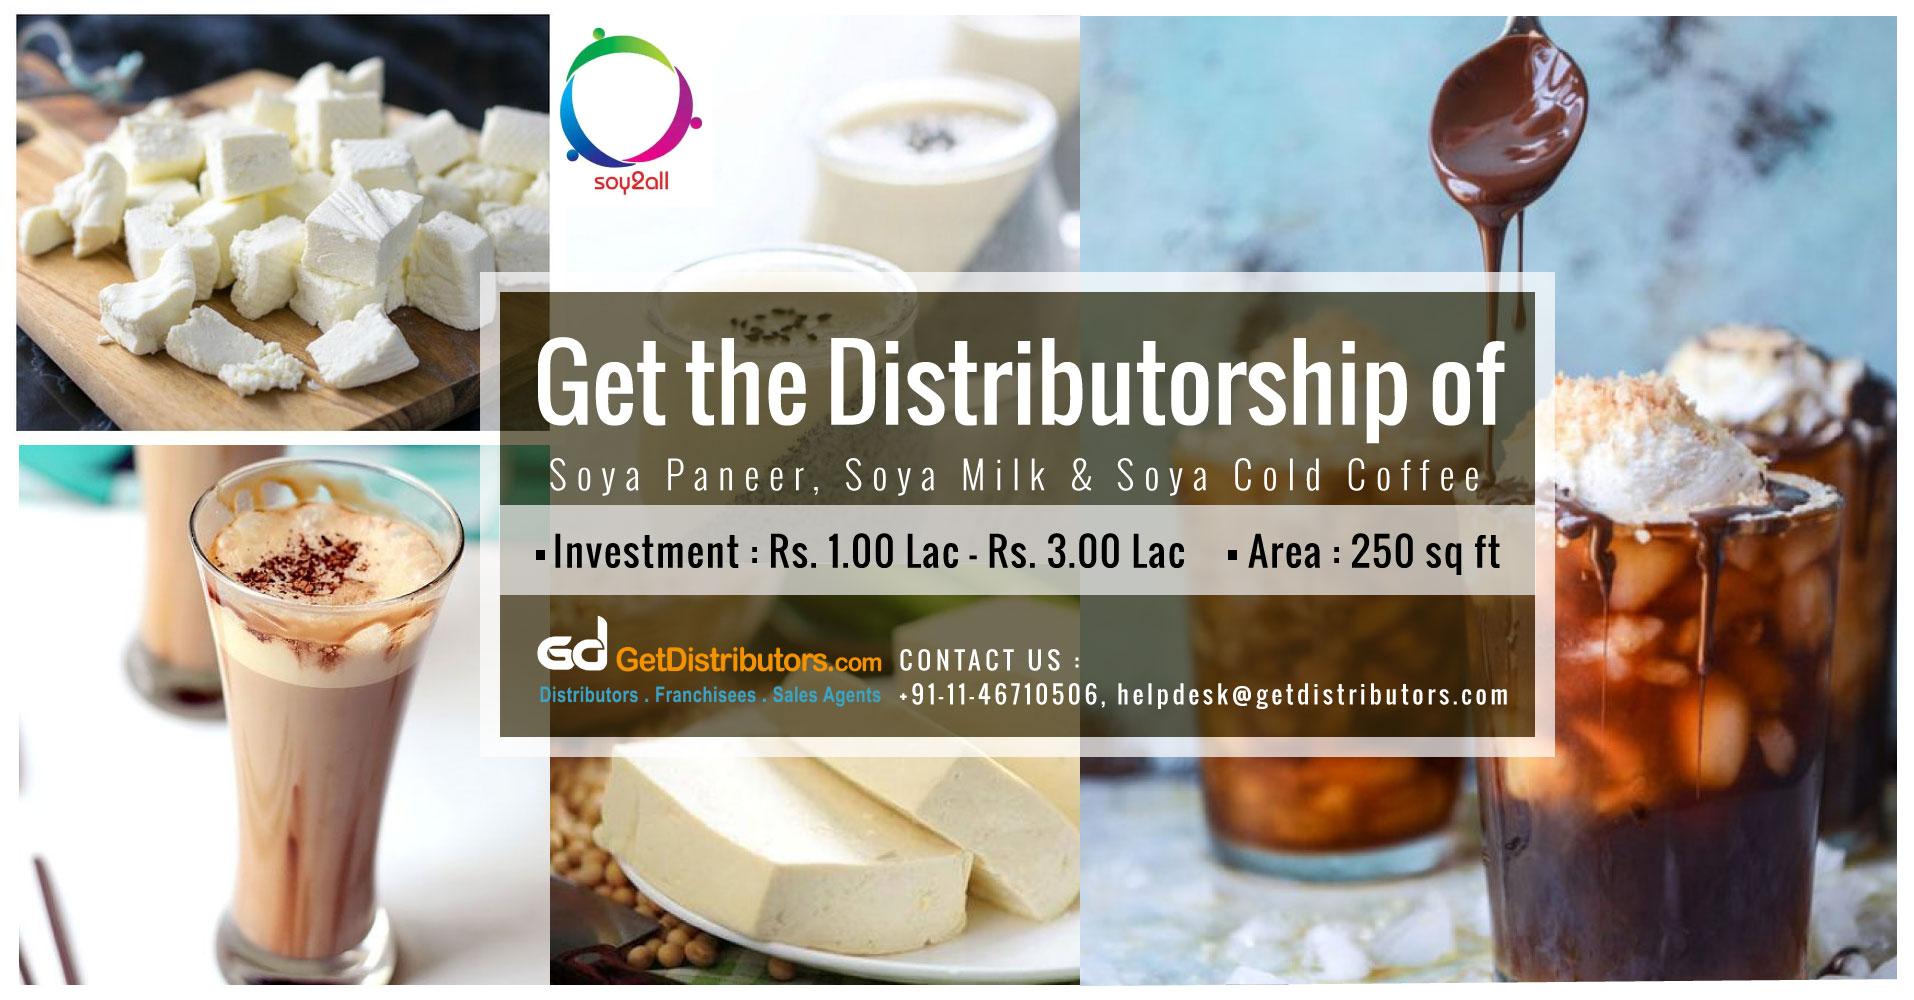 Healthy Soya Paneer & Soya Milk Distributorship By Soy2all Food Industries LLP